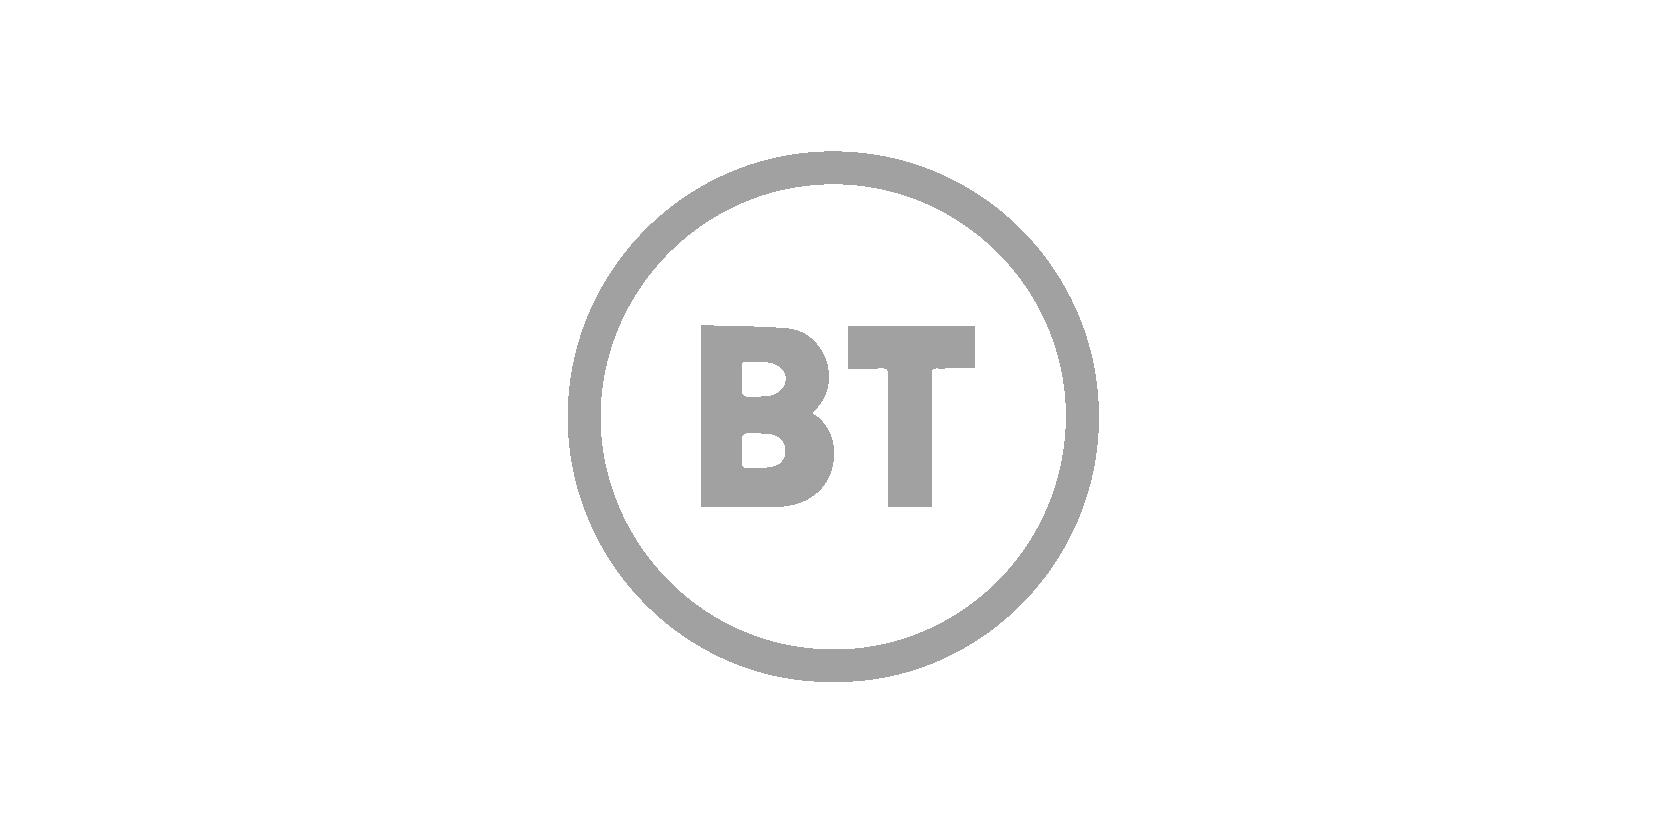 BT-small-widescreen-01